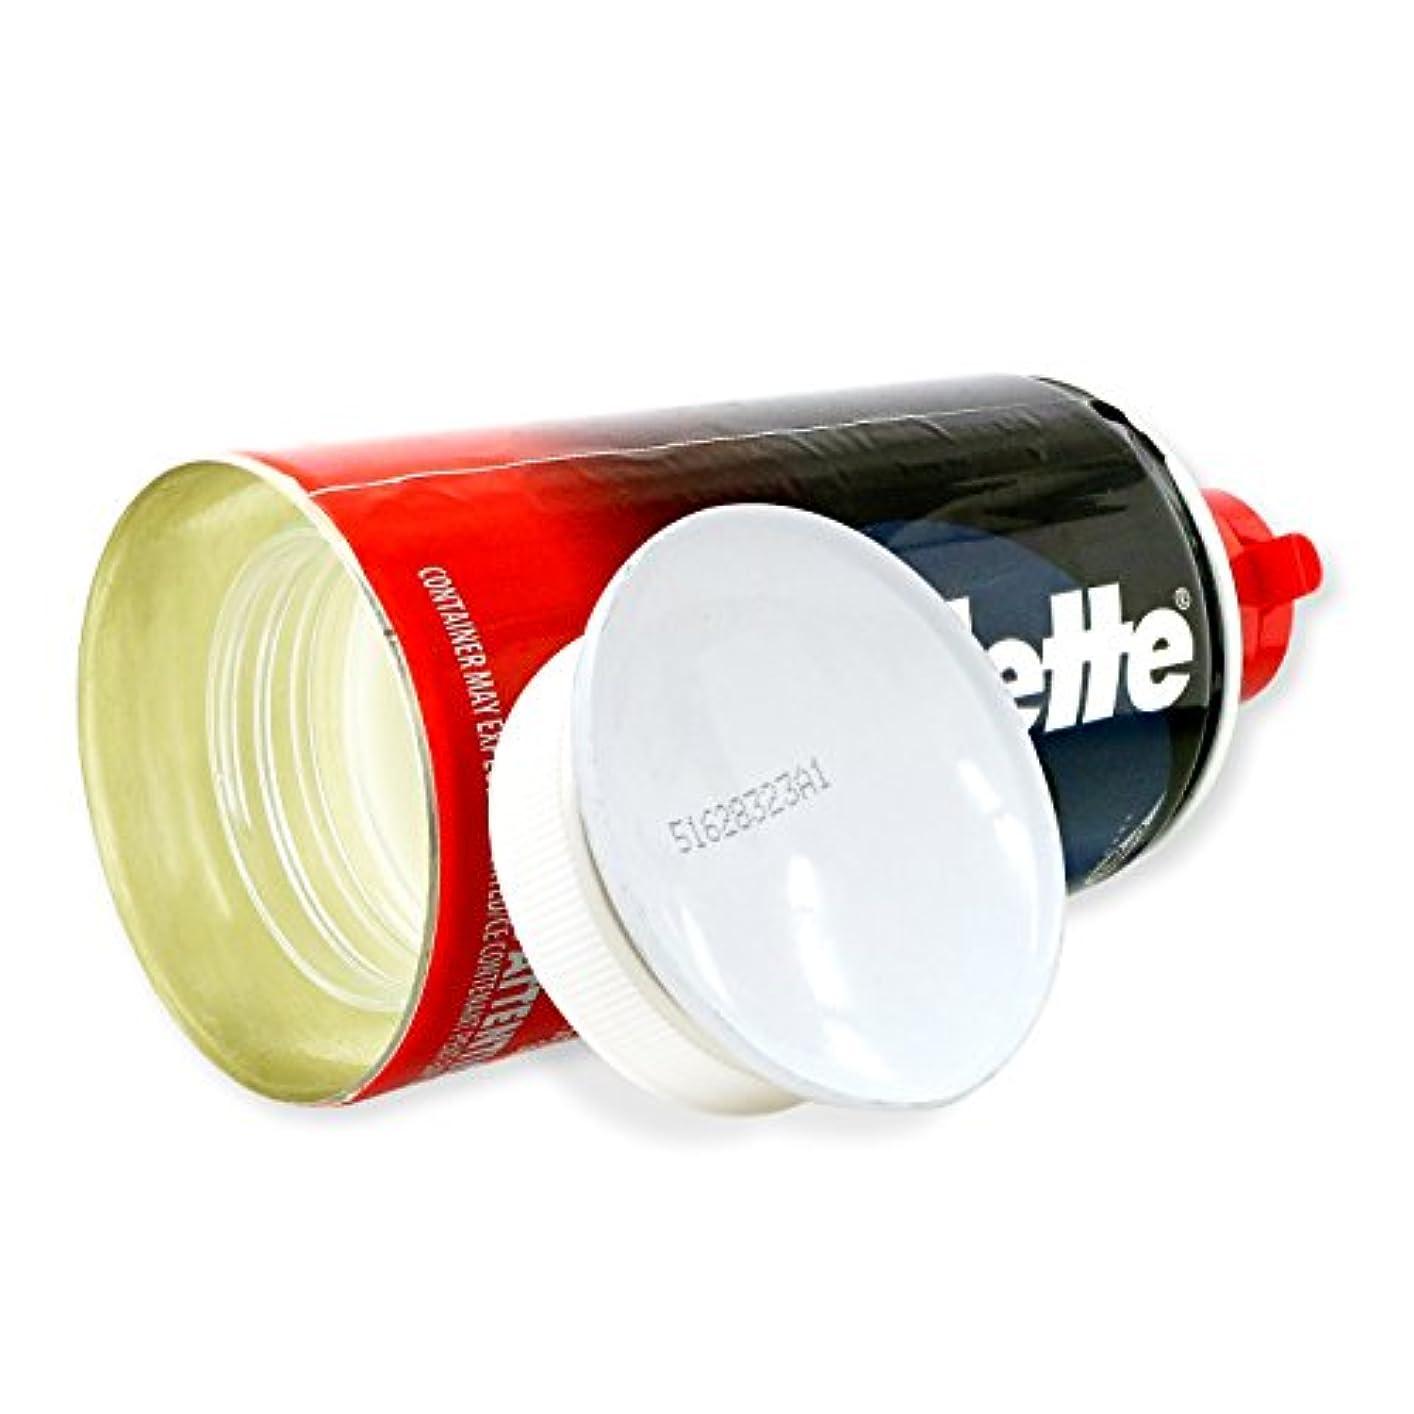 岩一貫性のない心のこもった隠し金庫 シェービングクリーム型 収納 セーフティボックス 『SECRET SAFE シークレットセーフ』(OA-666) Gillette Shaving Cream アメリカン雑貨 米国直輸入 貴重品の保管 タンス貯金 へそくり 防犯 スパイグッズ